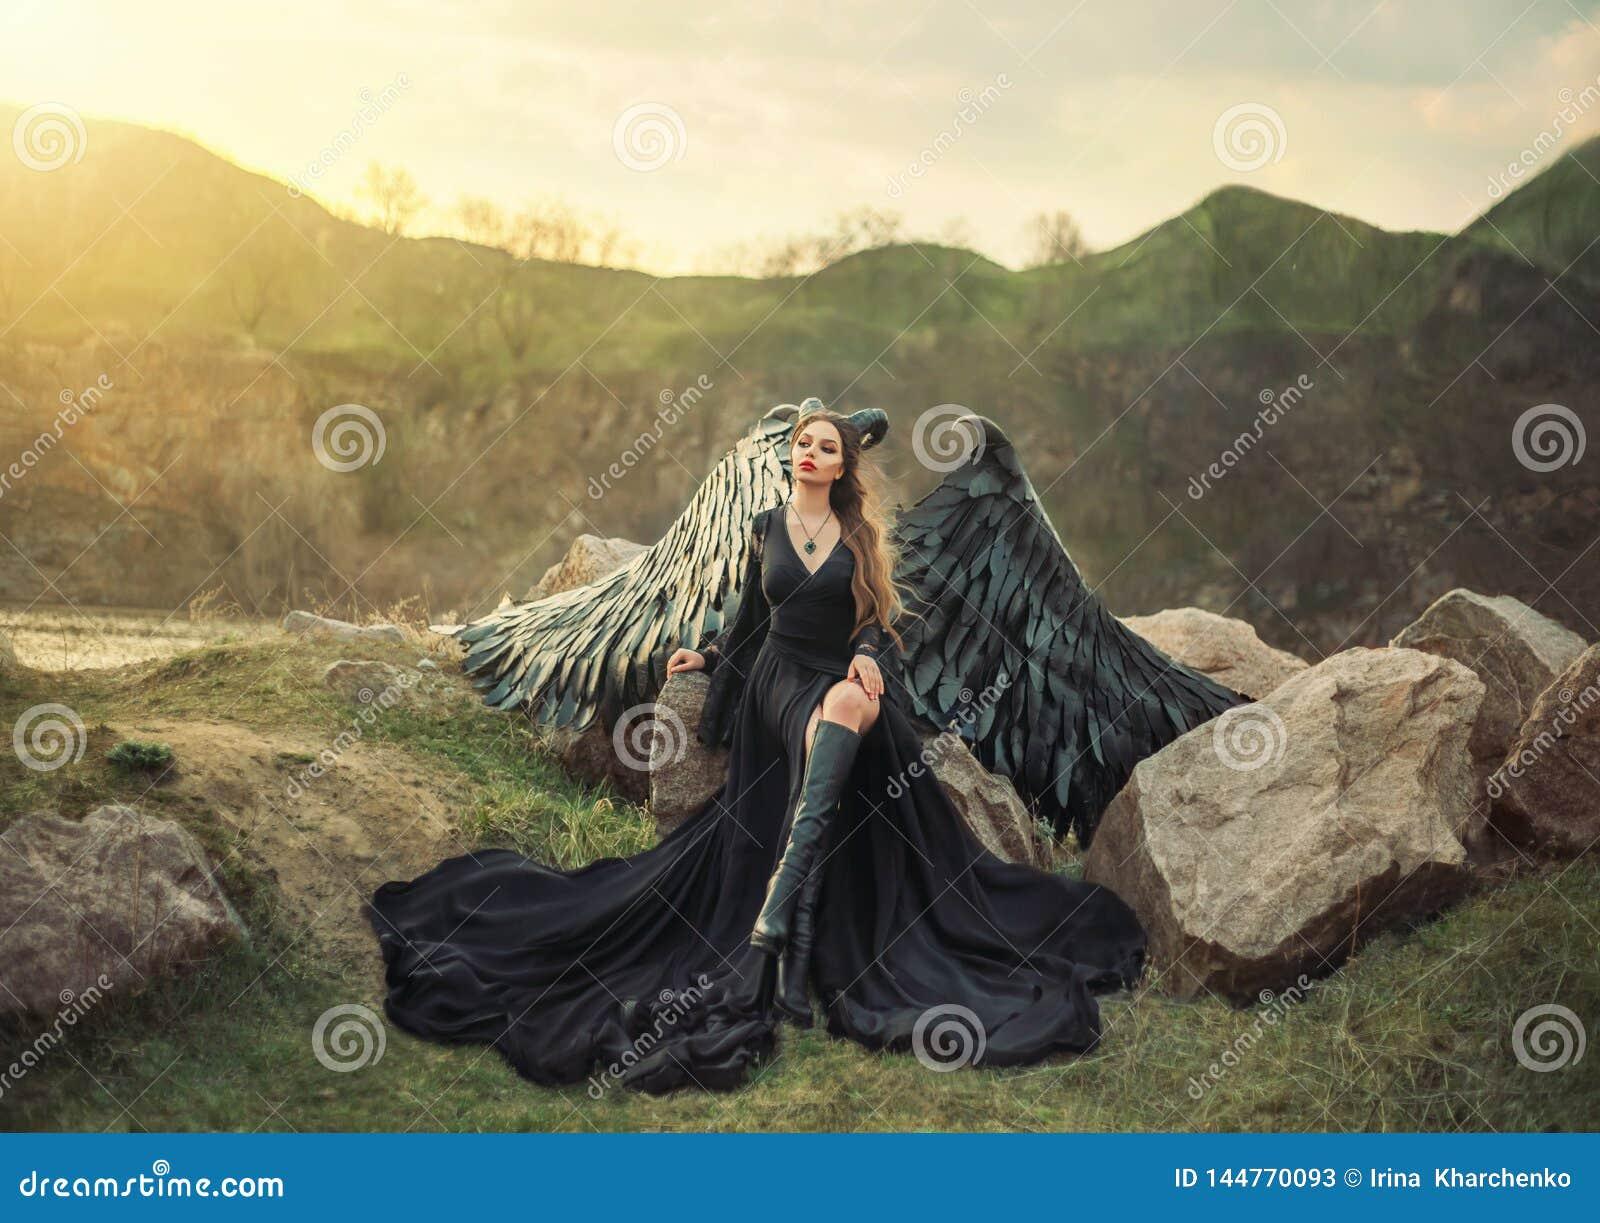 复兴的面貌古怪的人,夜观看的日出的女王/王后,长的轻的黑礼服的女孩有黑羽毛翼的坐岩石